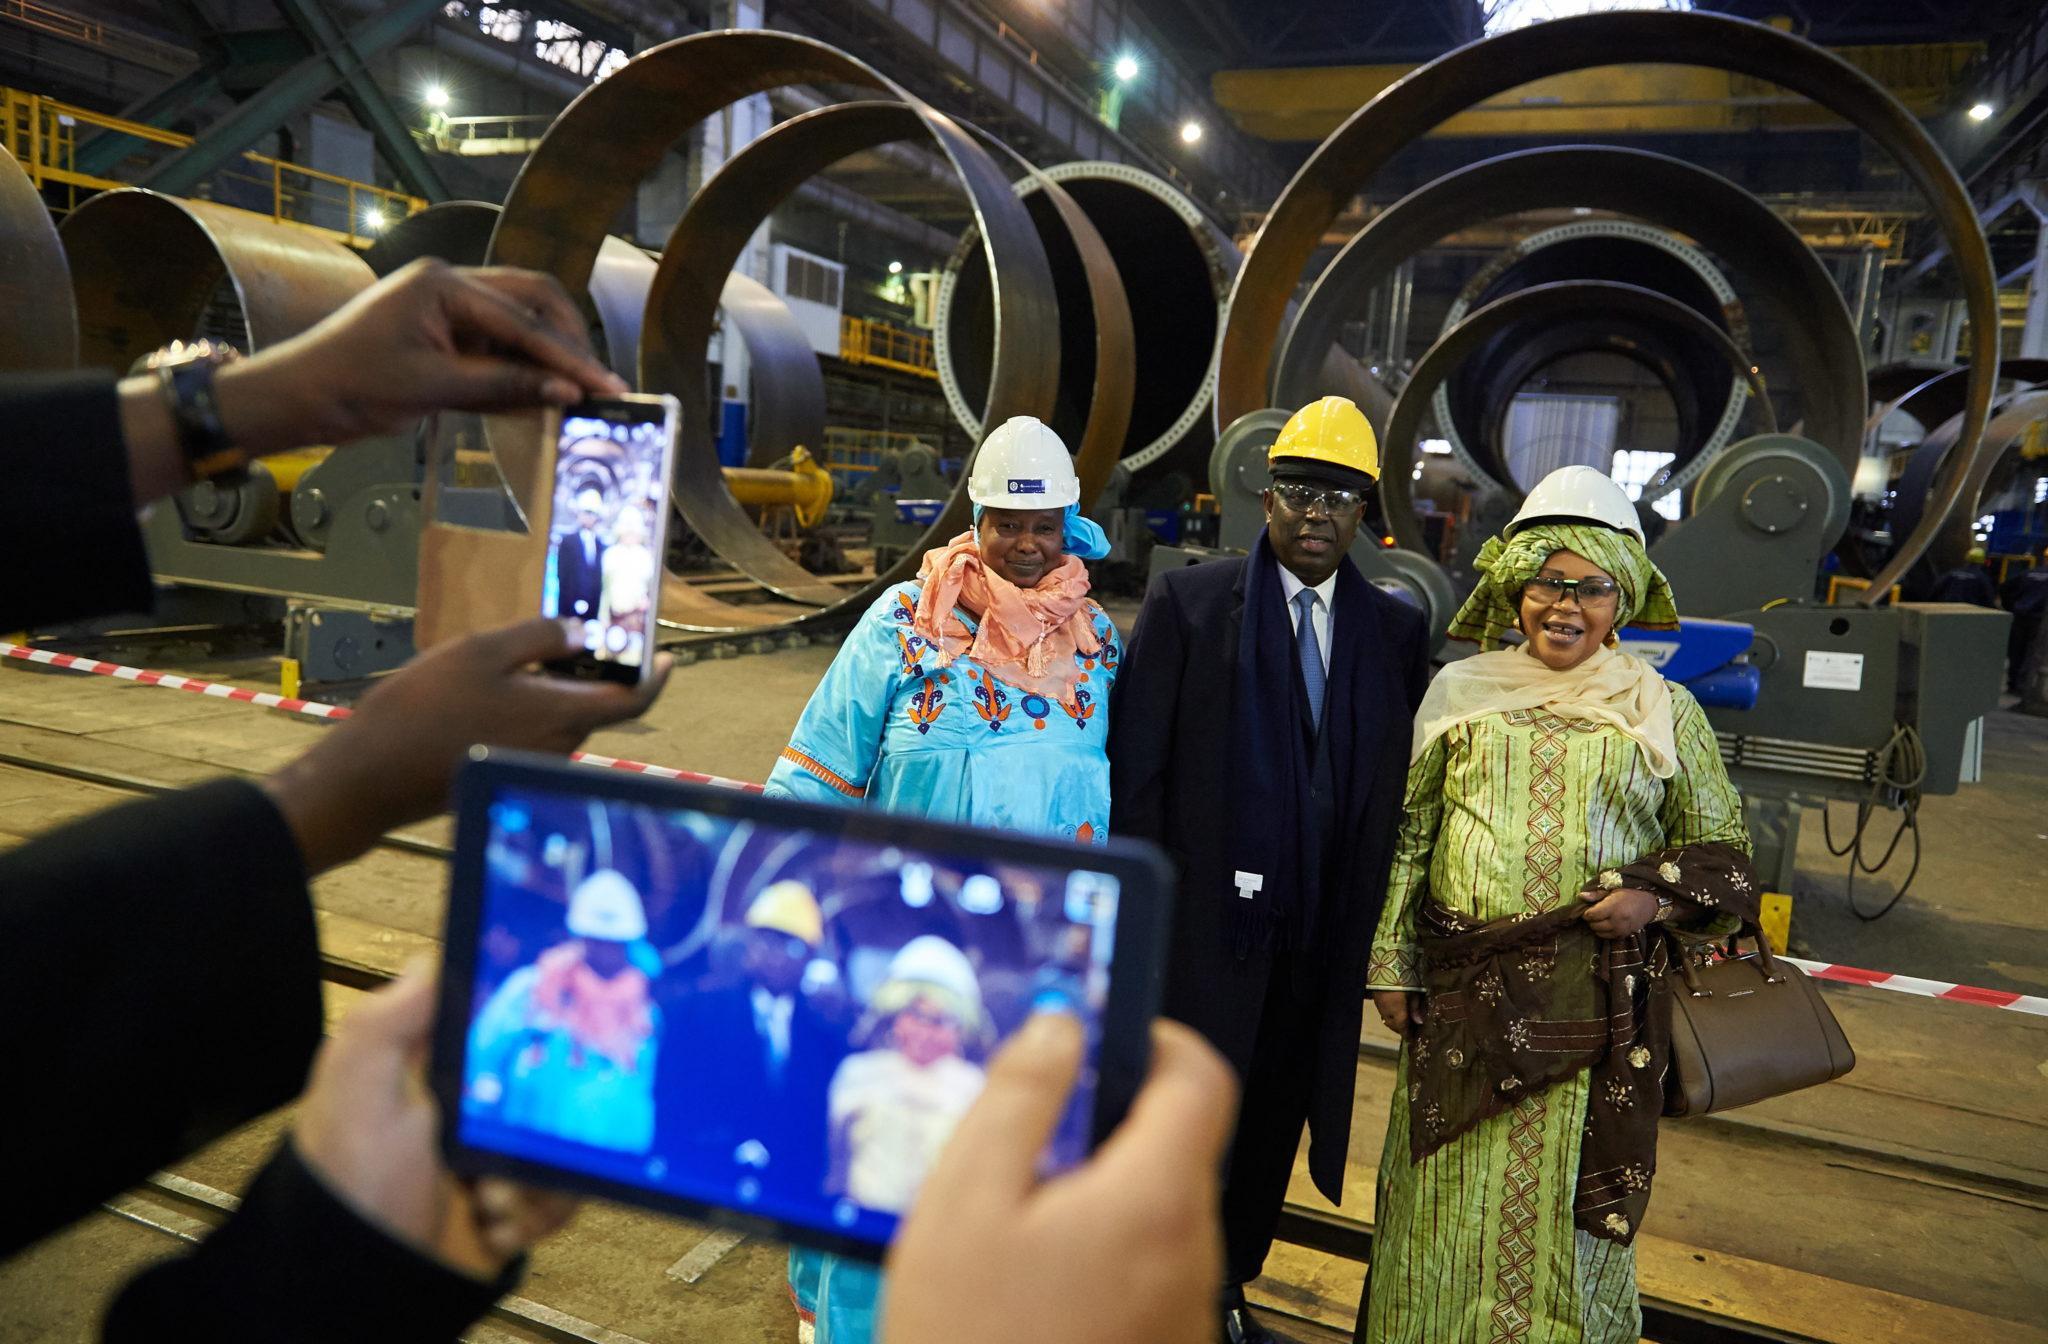 Goszczący w Polsce prezydent Senegalu Macky Sall odwiedził w piątek Stocznię Gdańsk i Port Gdańsk. Towarzyszyła mu ok. 30-osobowa delegacja, w tym dziewięciu ministrów senegalskiego rządu. fot. PAP/Adam Warżawa